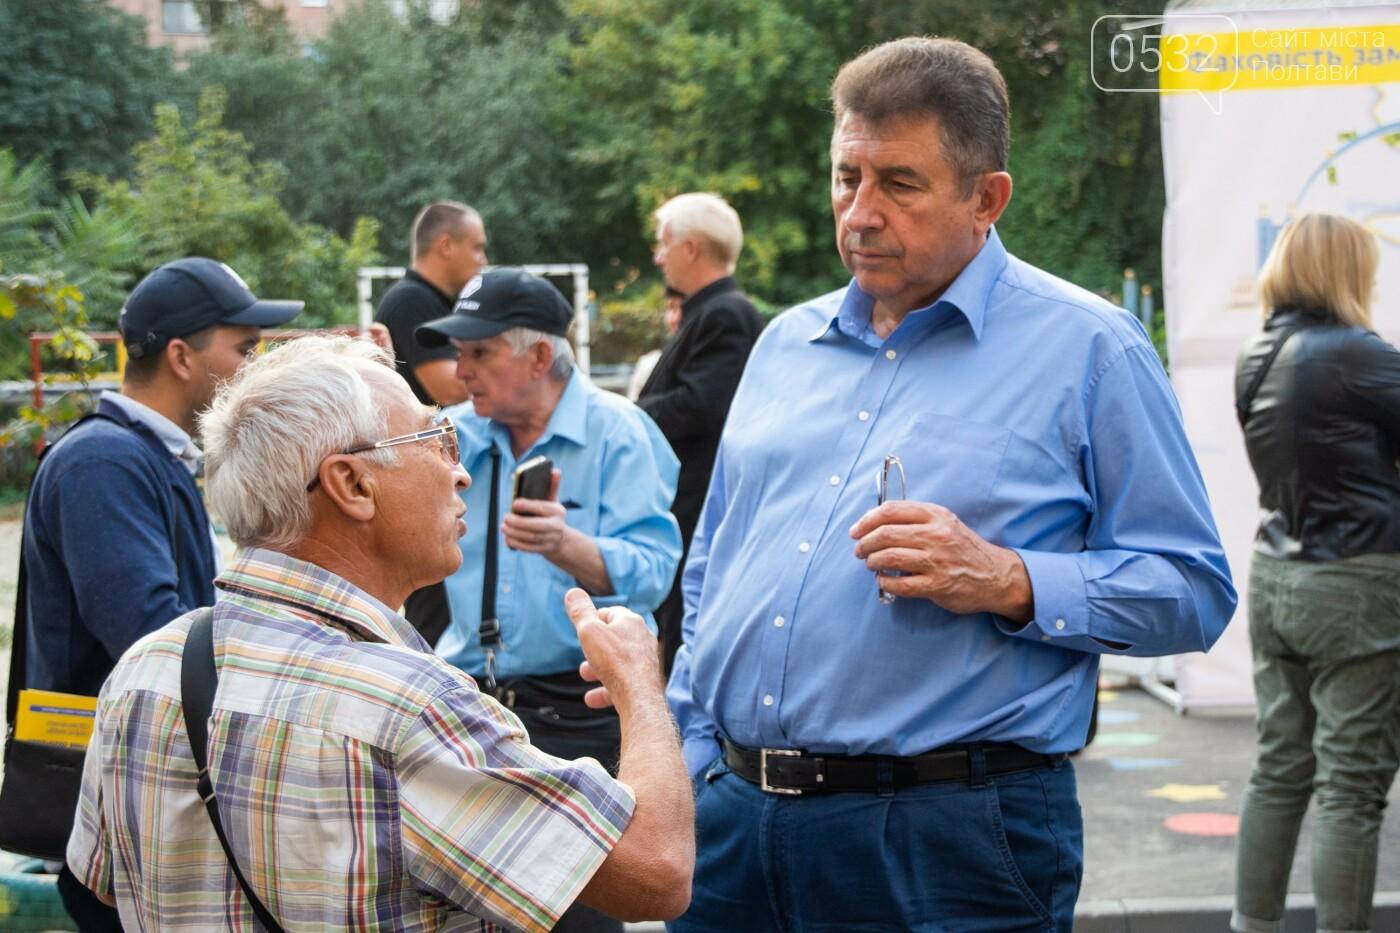 Олександр Удовіченко: «Полтавці чекають конкретної роботи, а не солодких обіцянок», фото-3